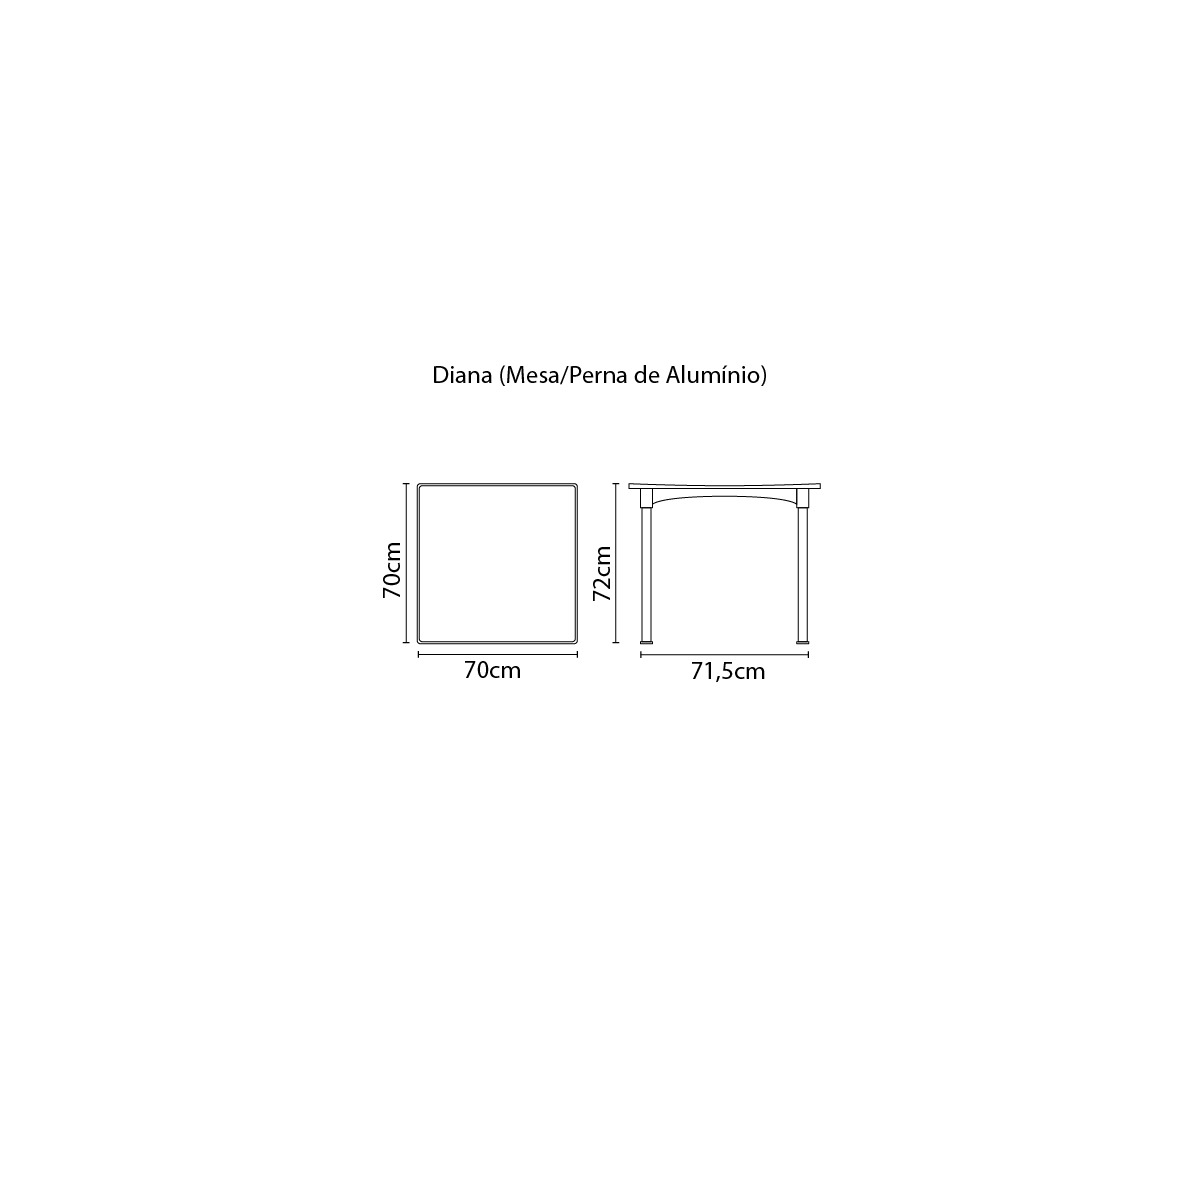 Mesa Tramontina Diana Vermelha 70 x 70 cm  em Polipropileno com Pernas de Alumínio